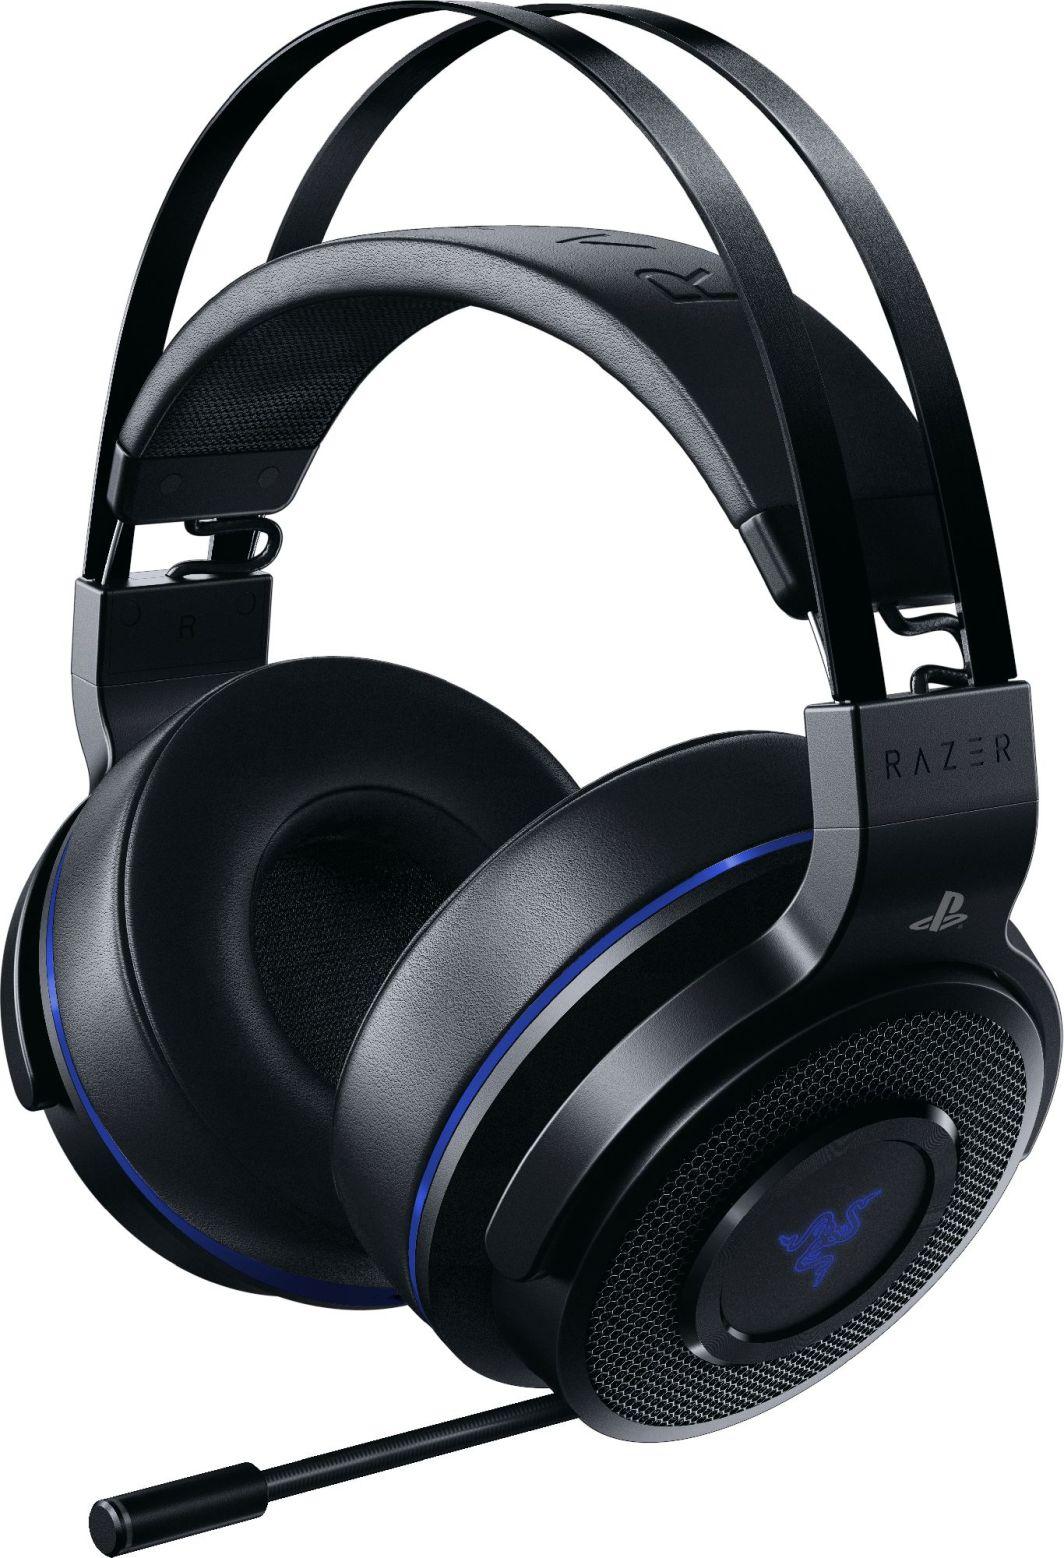 Słuchawki Razer Thresher Ultimate PS4 (RZ04 01590100 R3G1) ID produktu: 977598